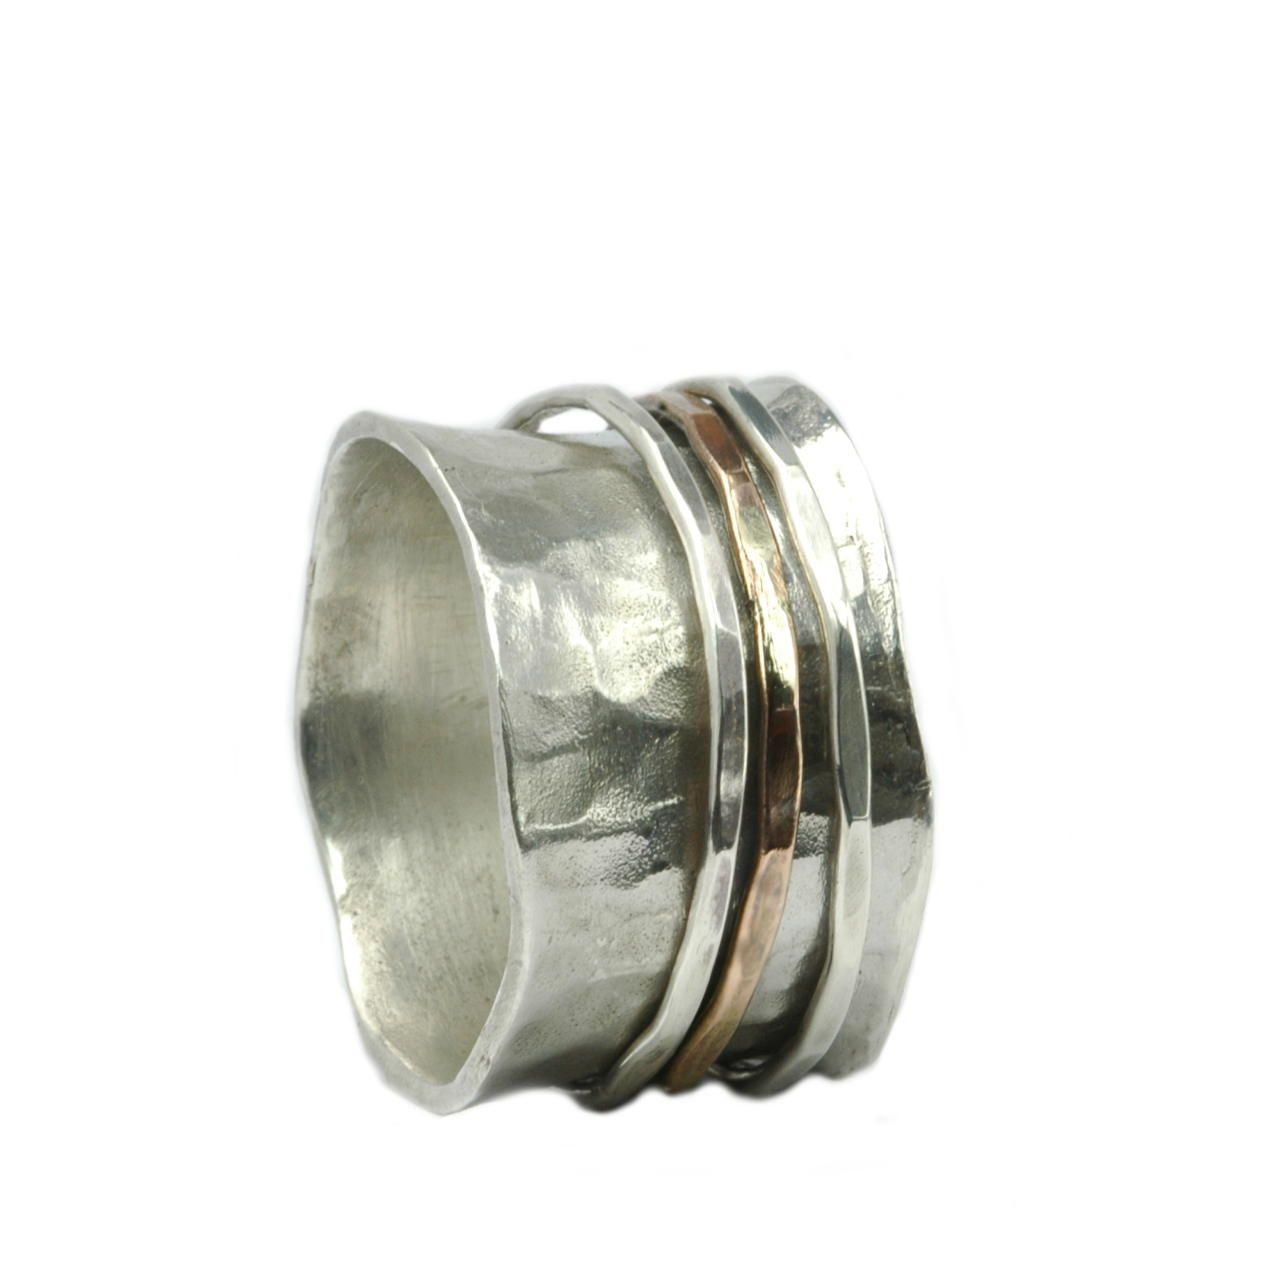 Freundschaftsringe silber breit  Breiter Ring Sterling Silber mit bewegliche Silber- und ...